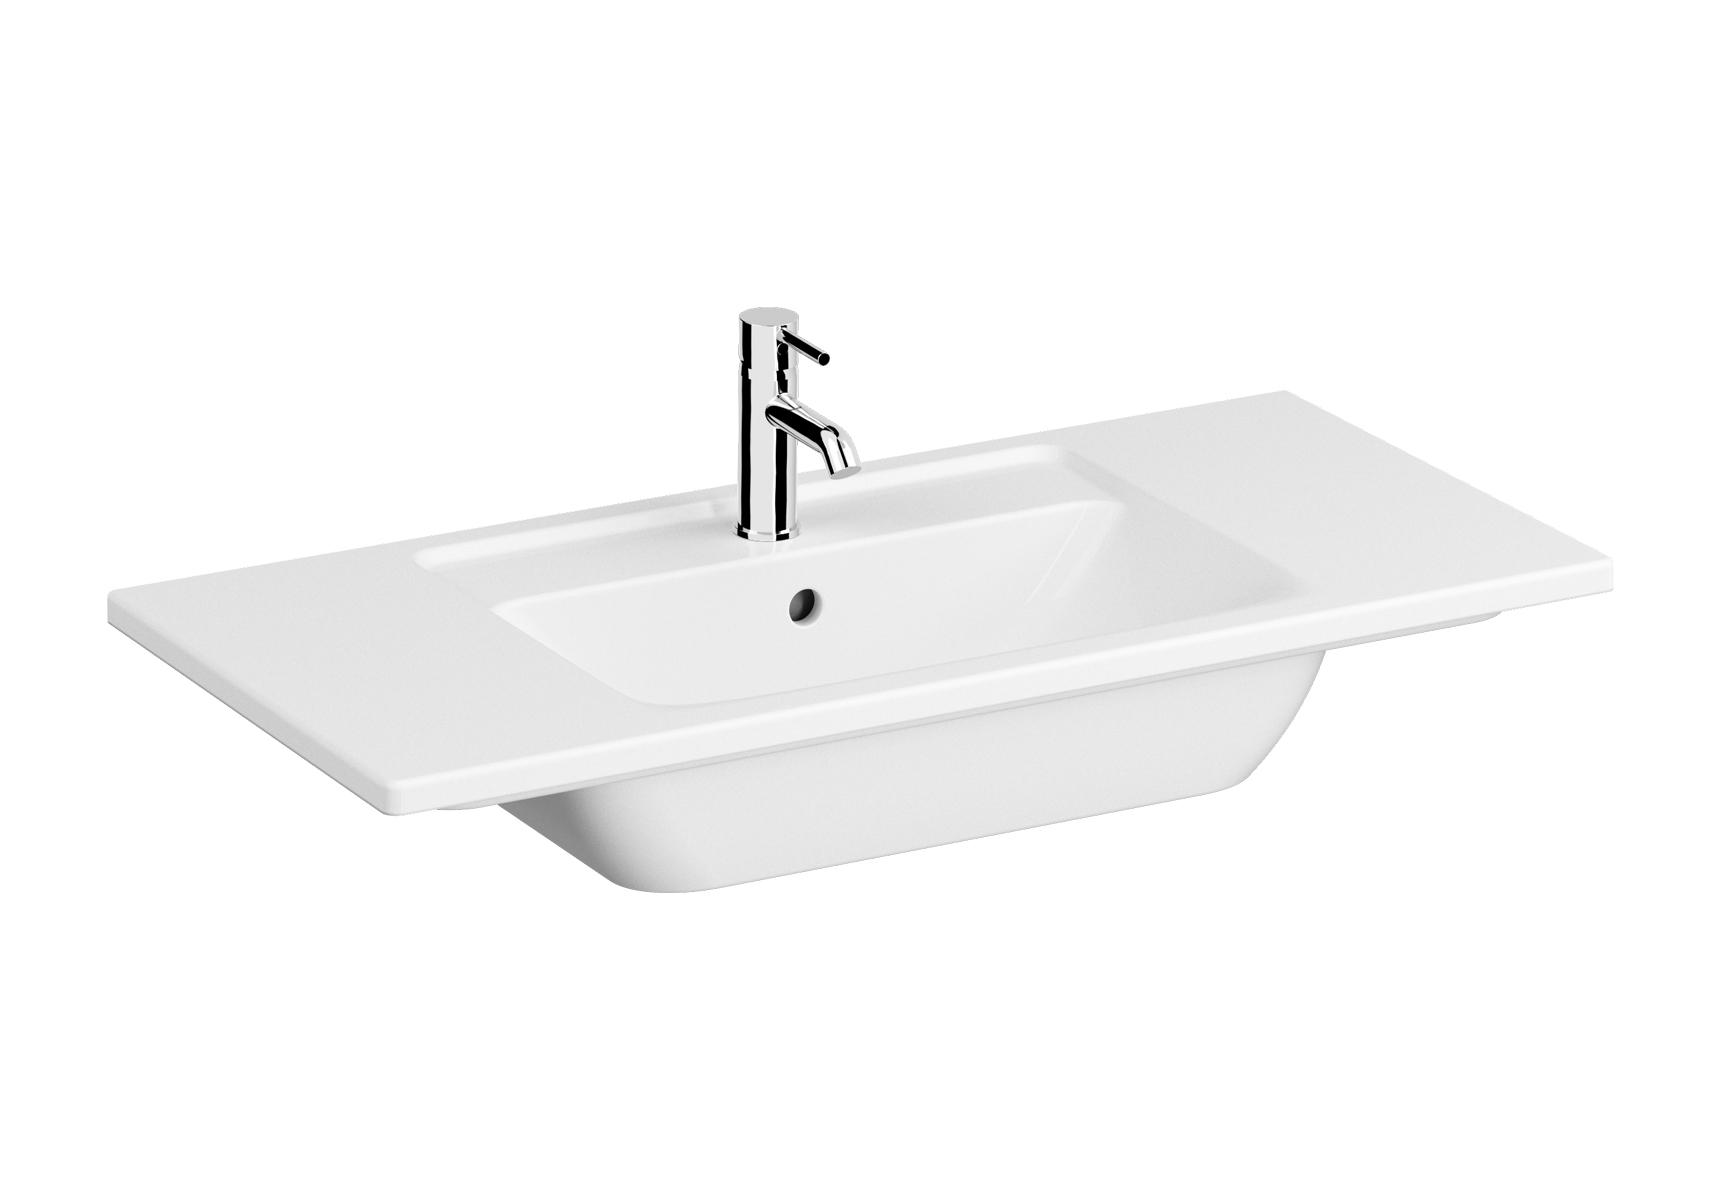 Integra plan céramique, 100 cm, avec trou de robinet, avec trop-plein